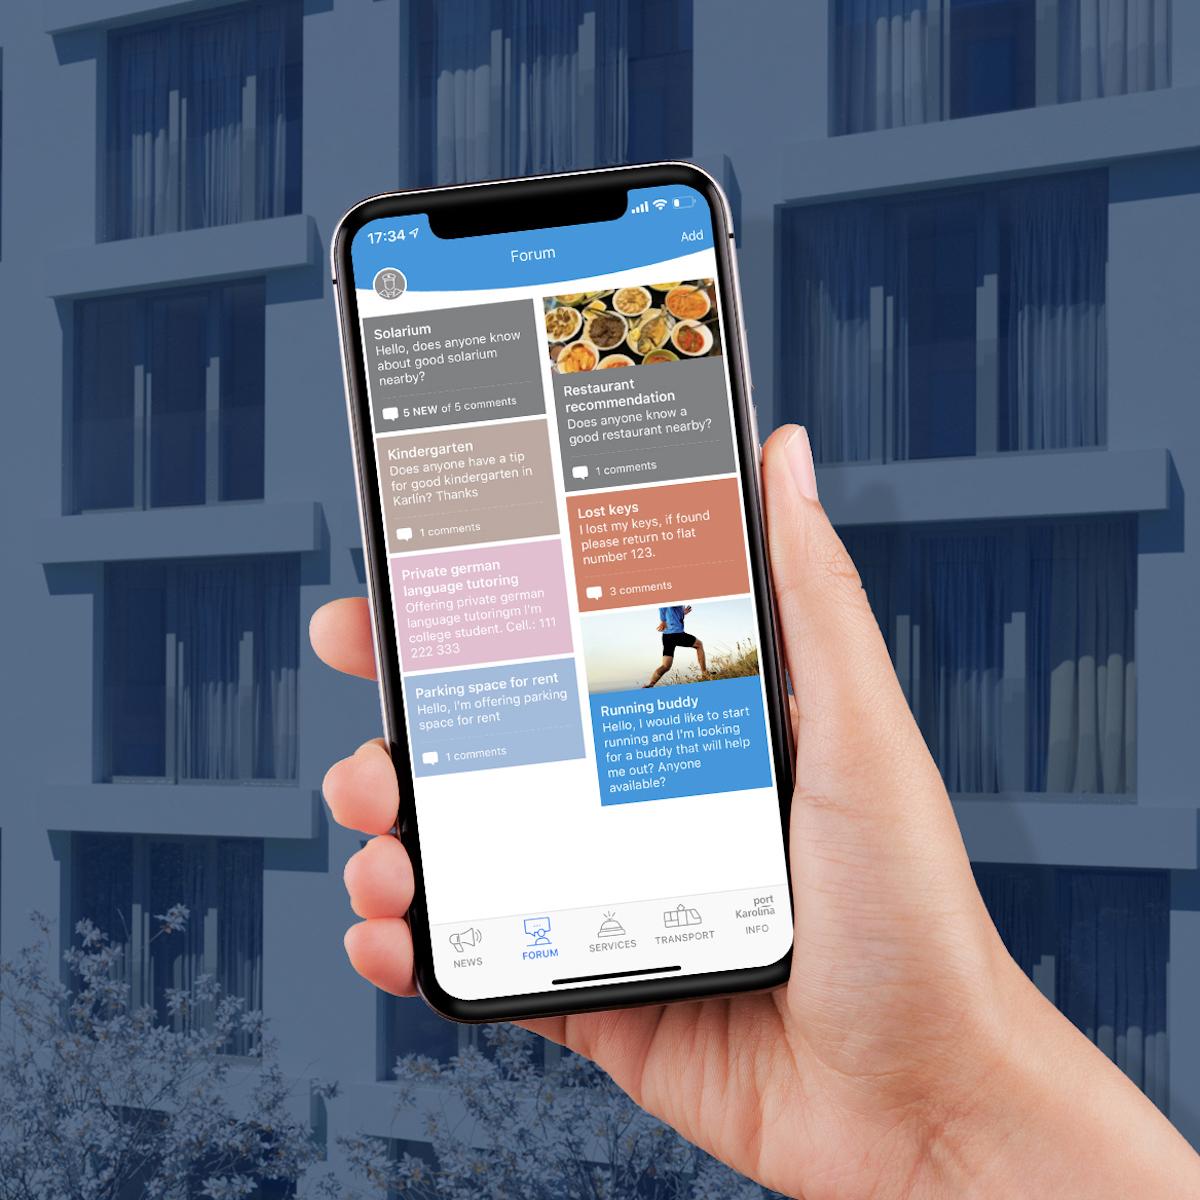 Aplikace Port Karolina nabízí i fórum pro obyvatele objektu